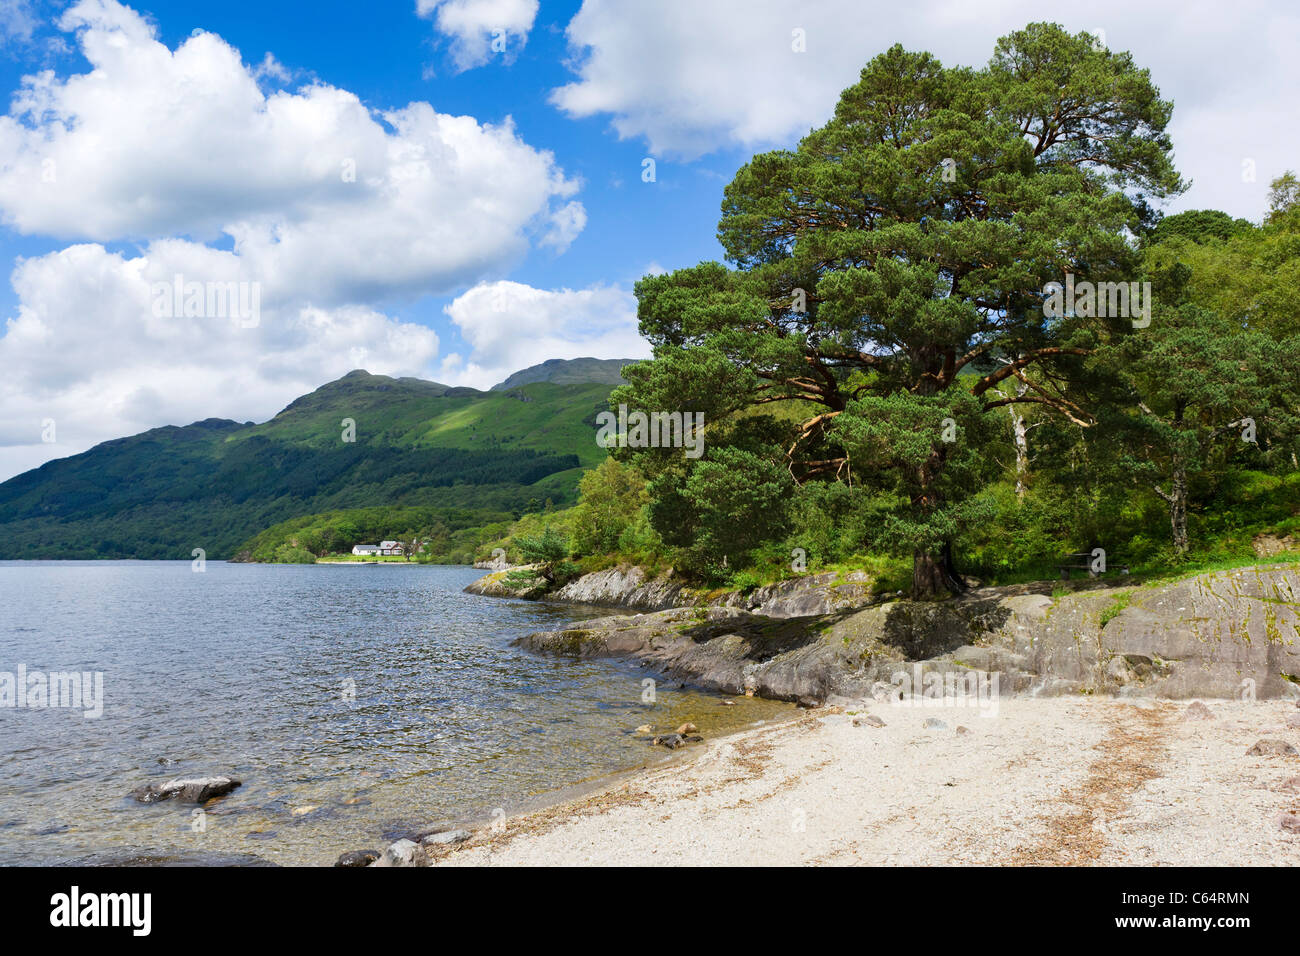 La sponda orientale del Loch Lomond a Rowardennan, Scotland, Regno Unito Immagini Stock